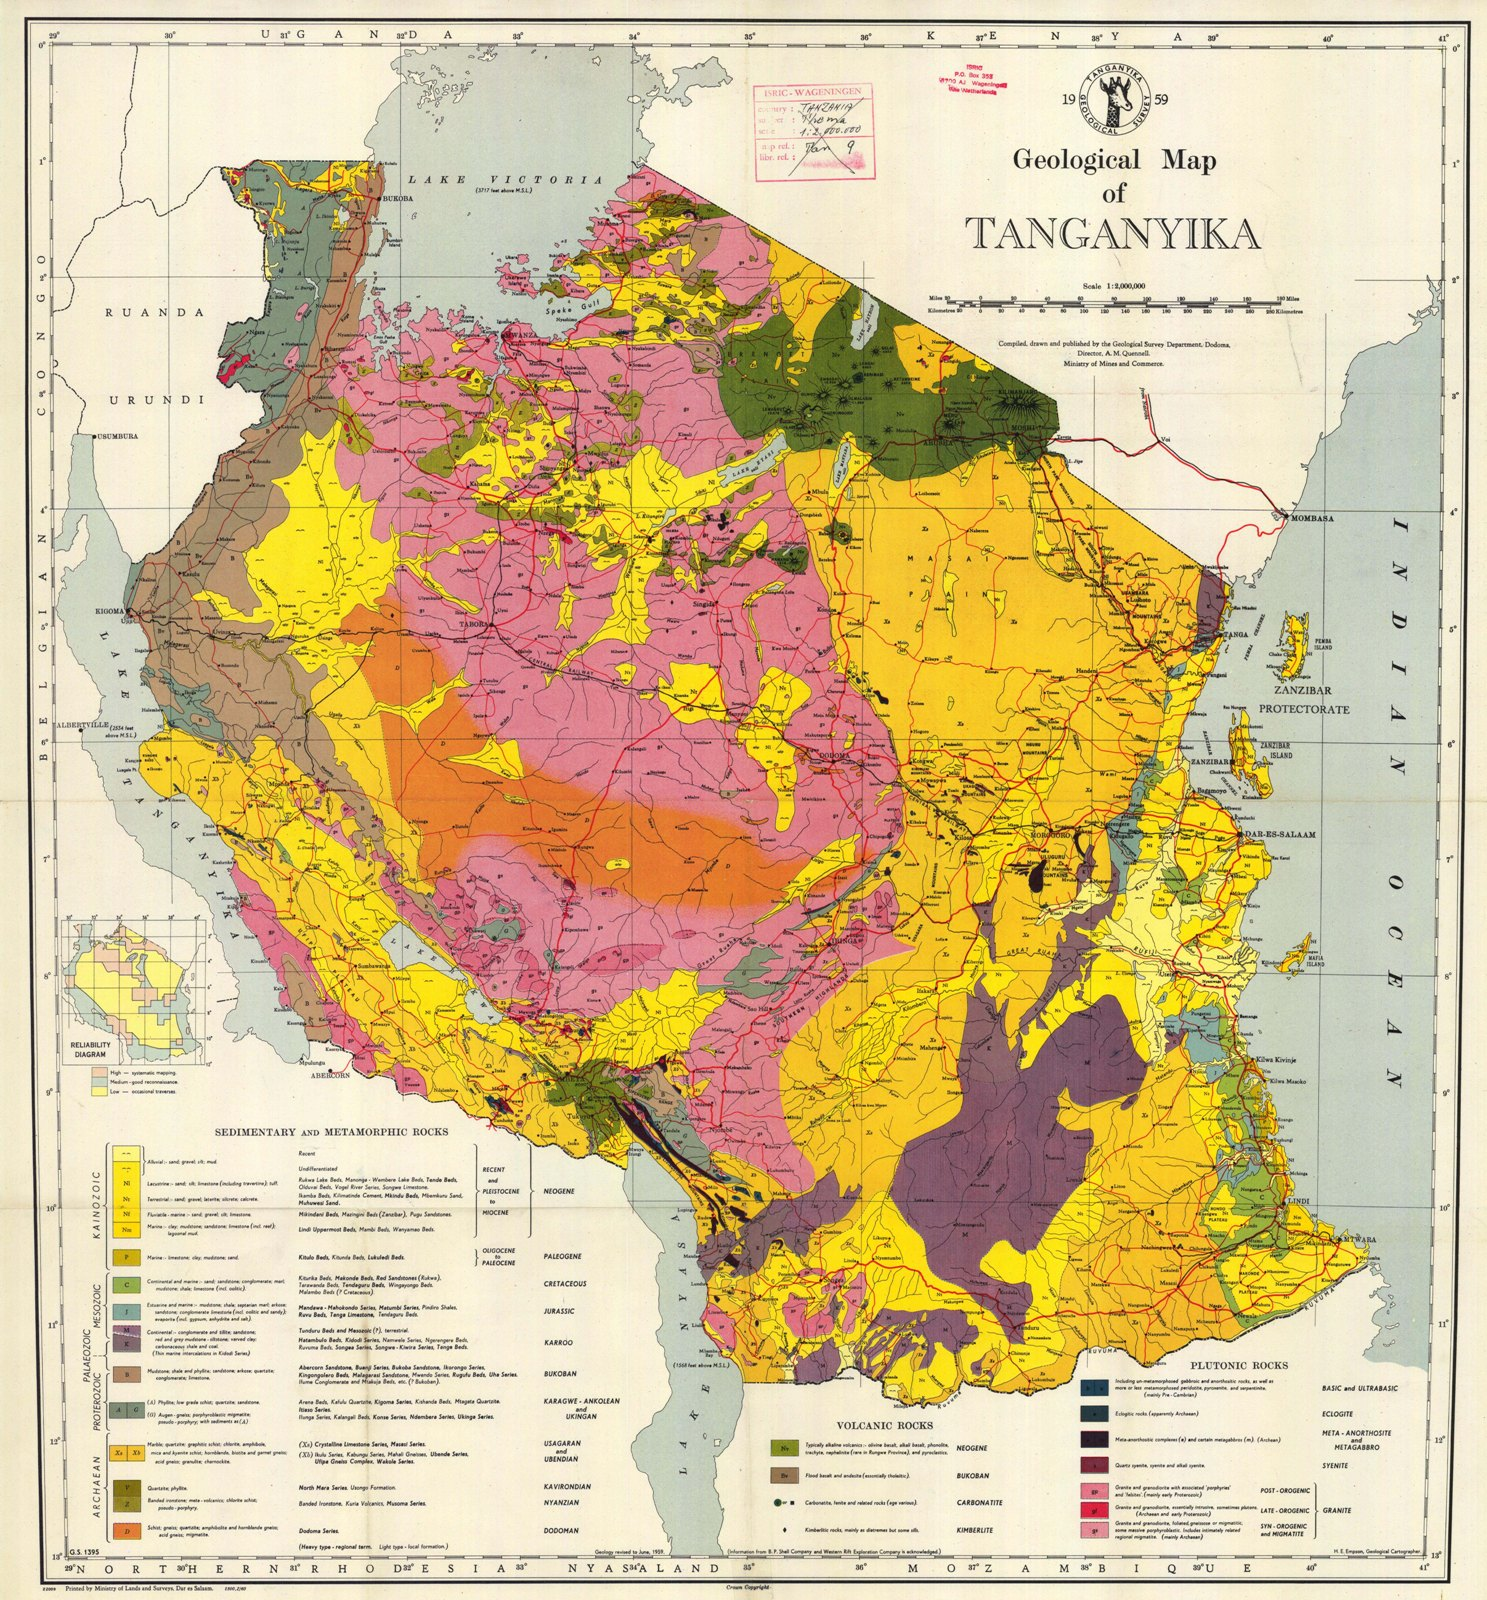 Geological Map of Tanzania-Tanganyika